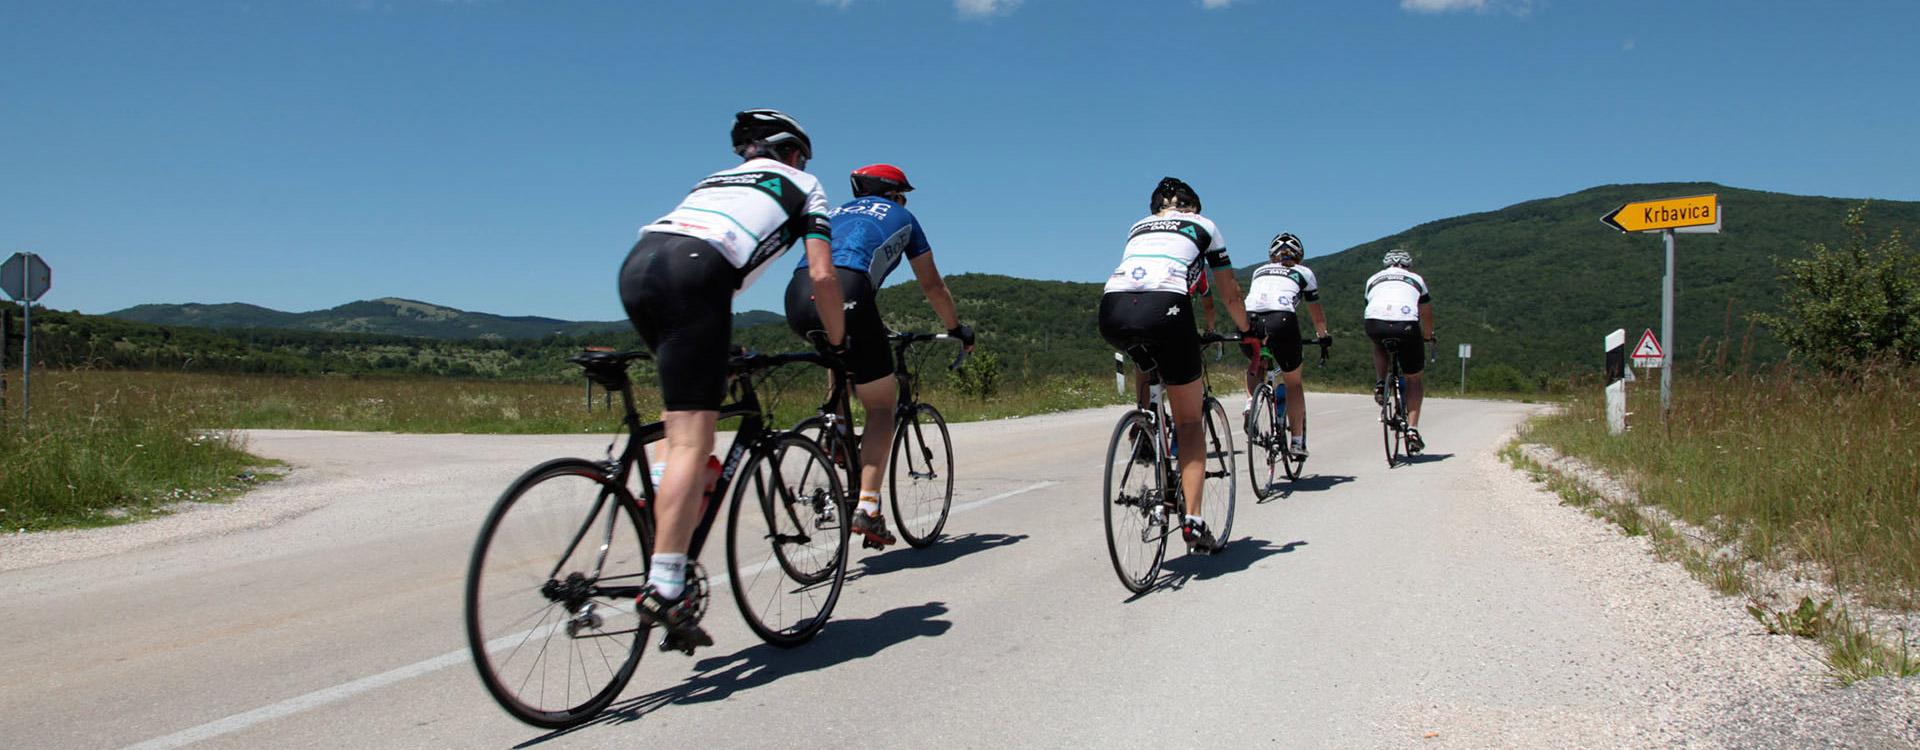 Croatia Bike tour